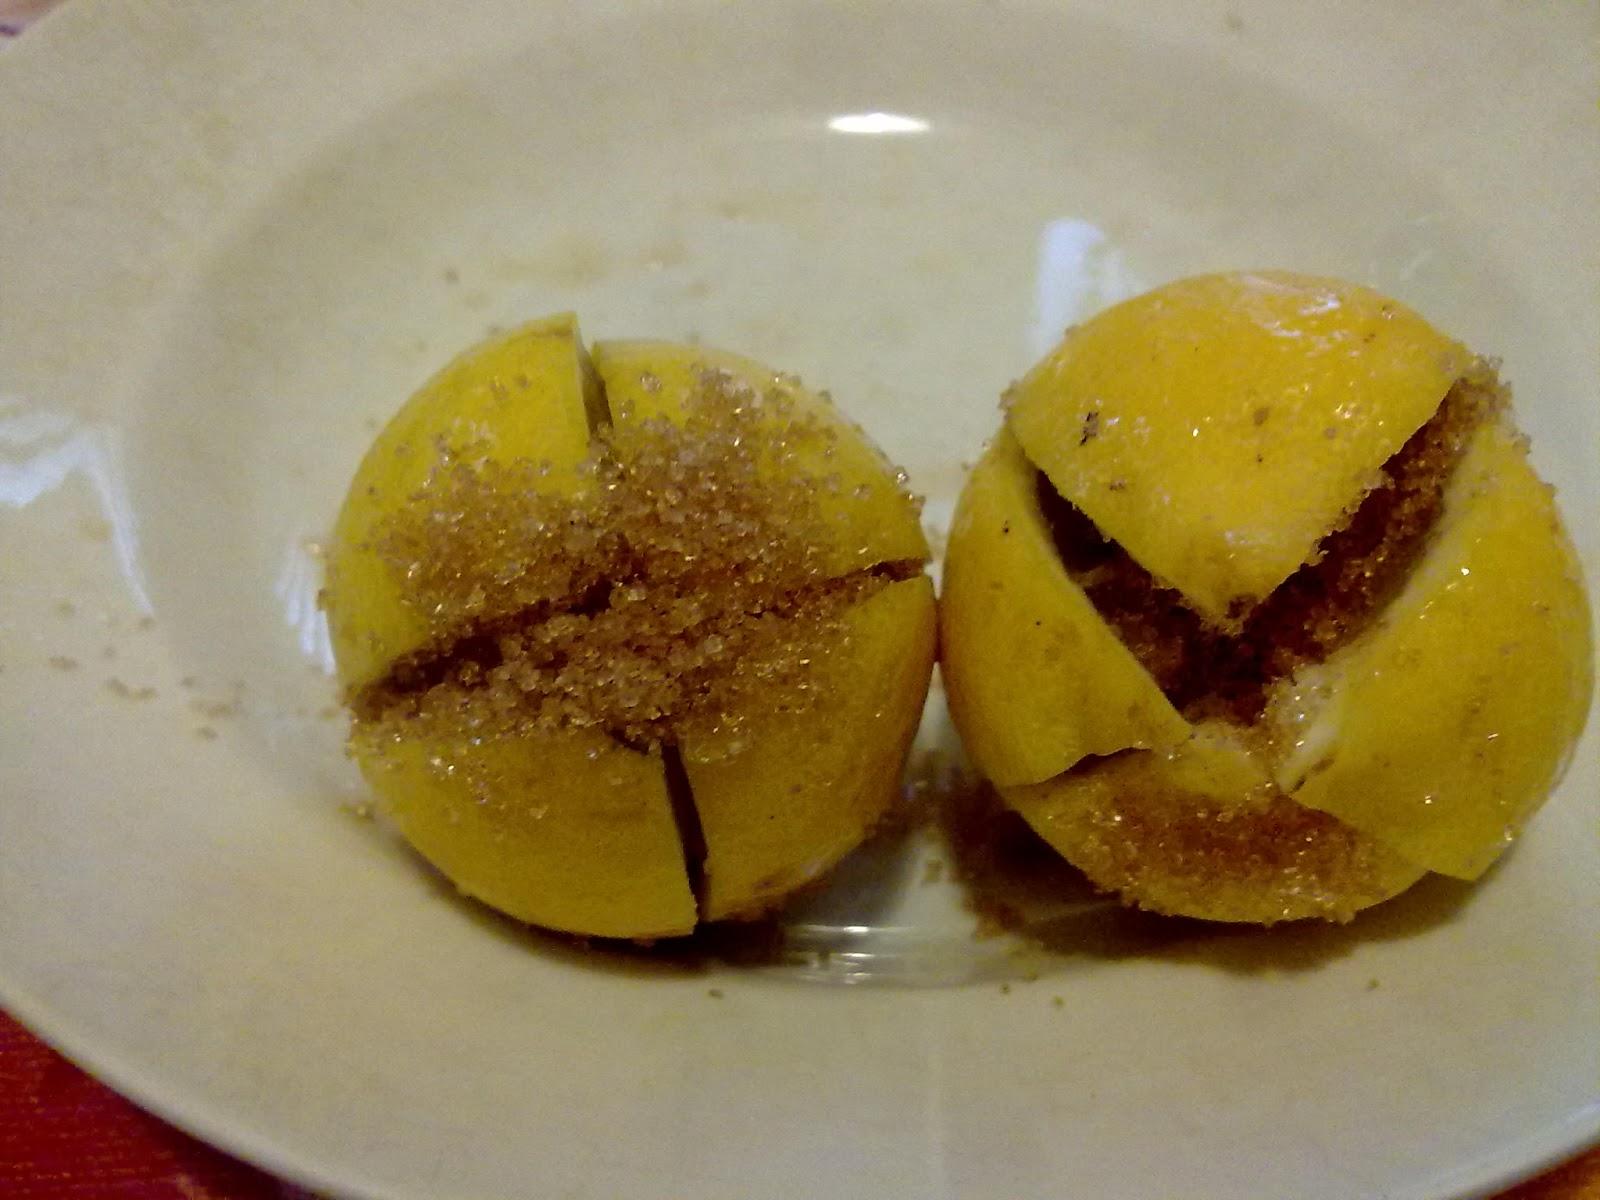 Comment savoir si on a le mauvais il avec le citron rituels magie gratuit - Quand cueillir les citrons ...